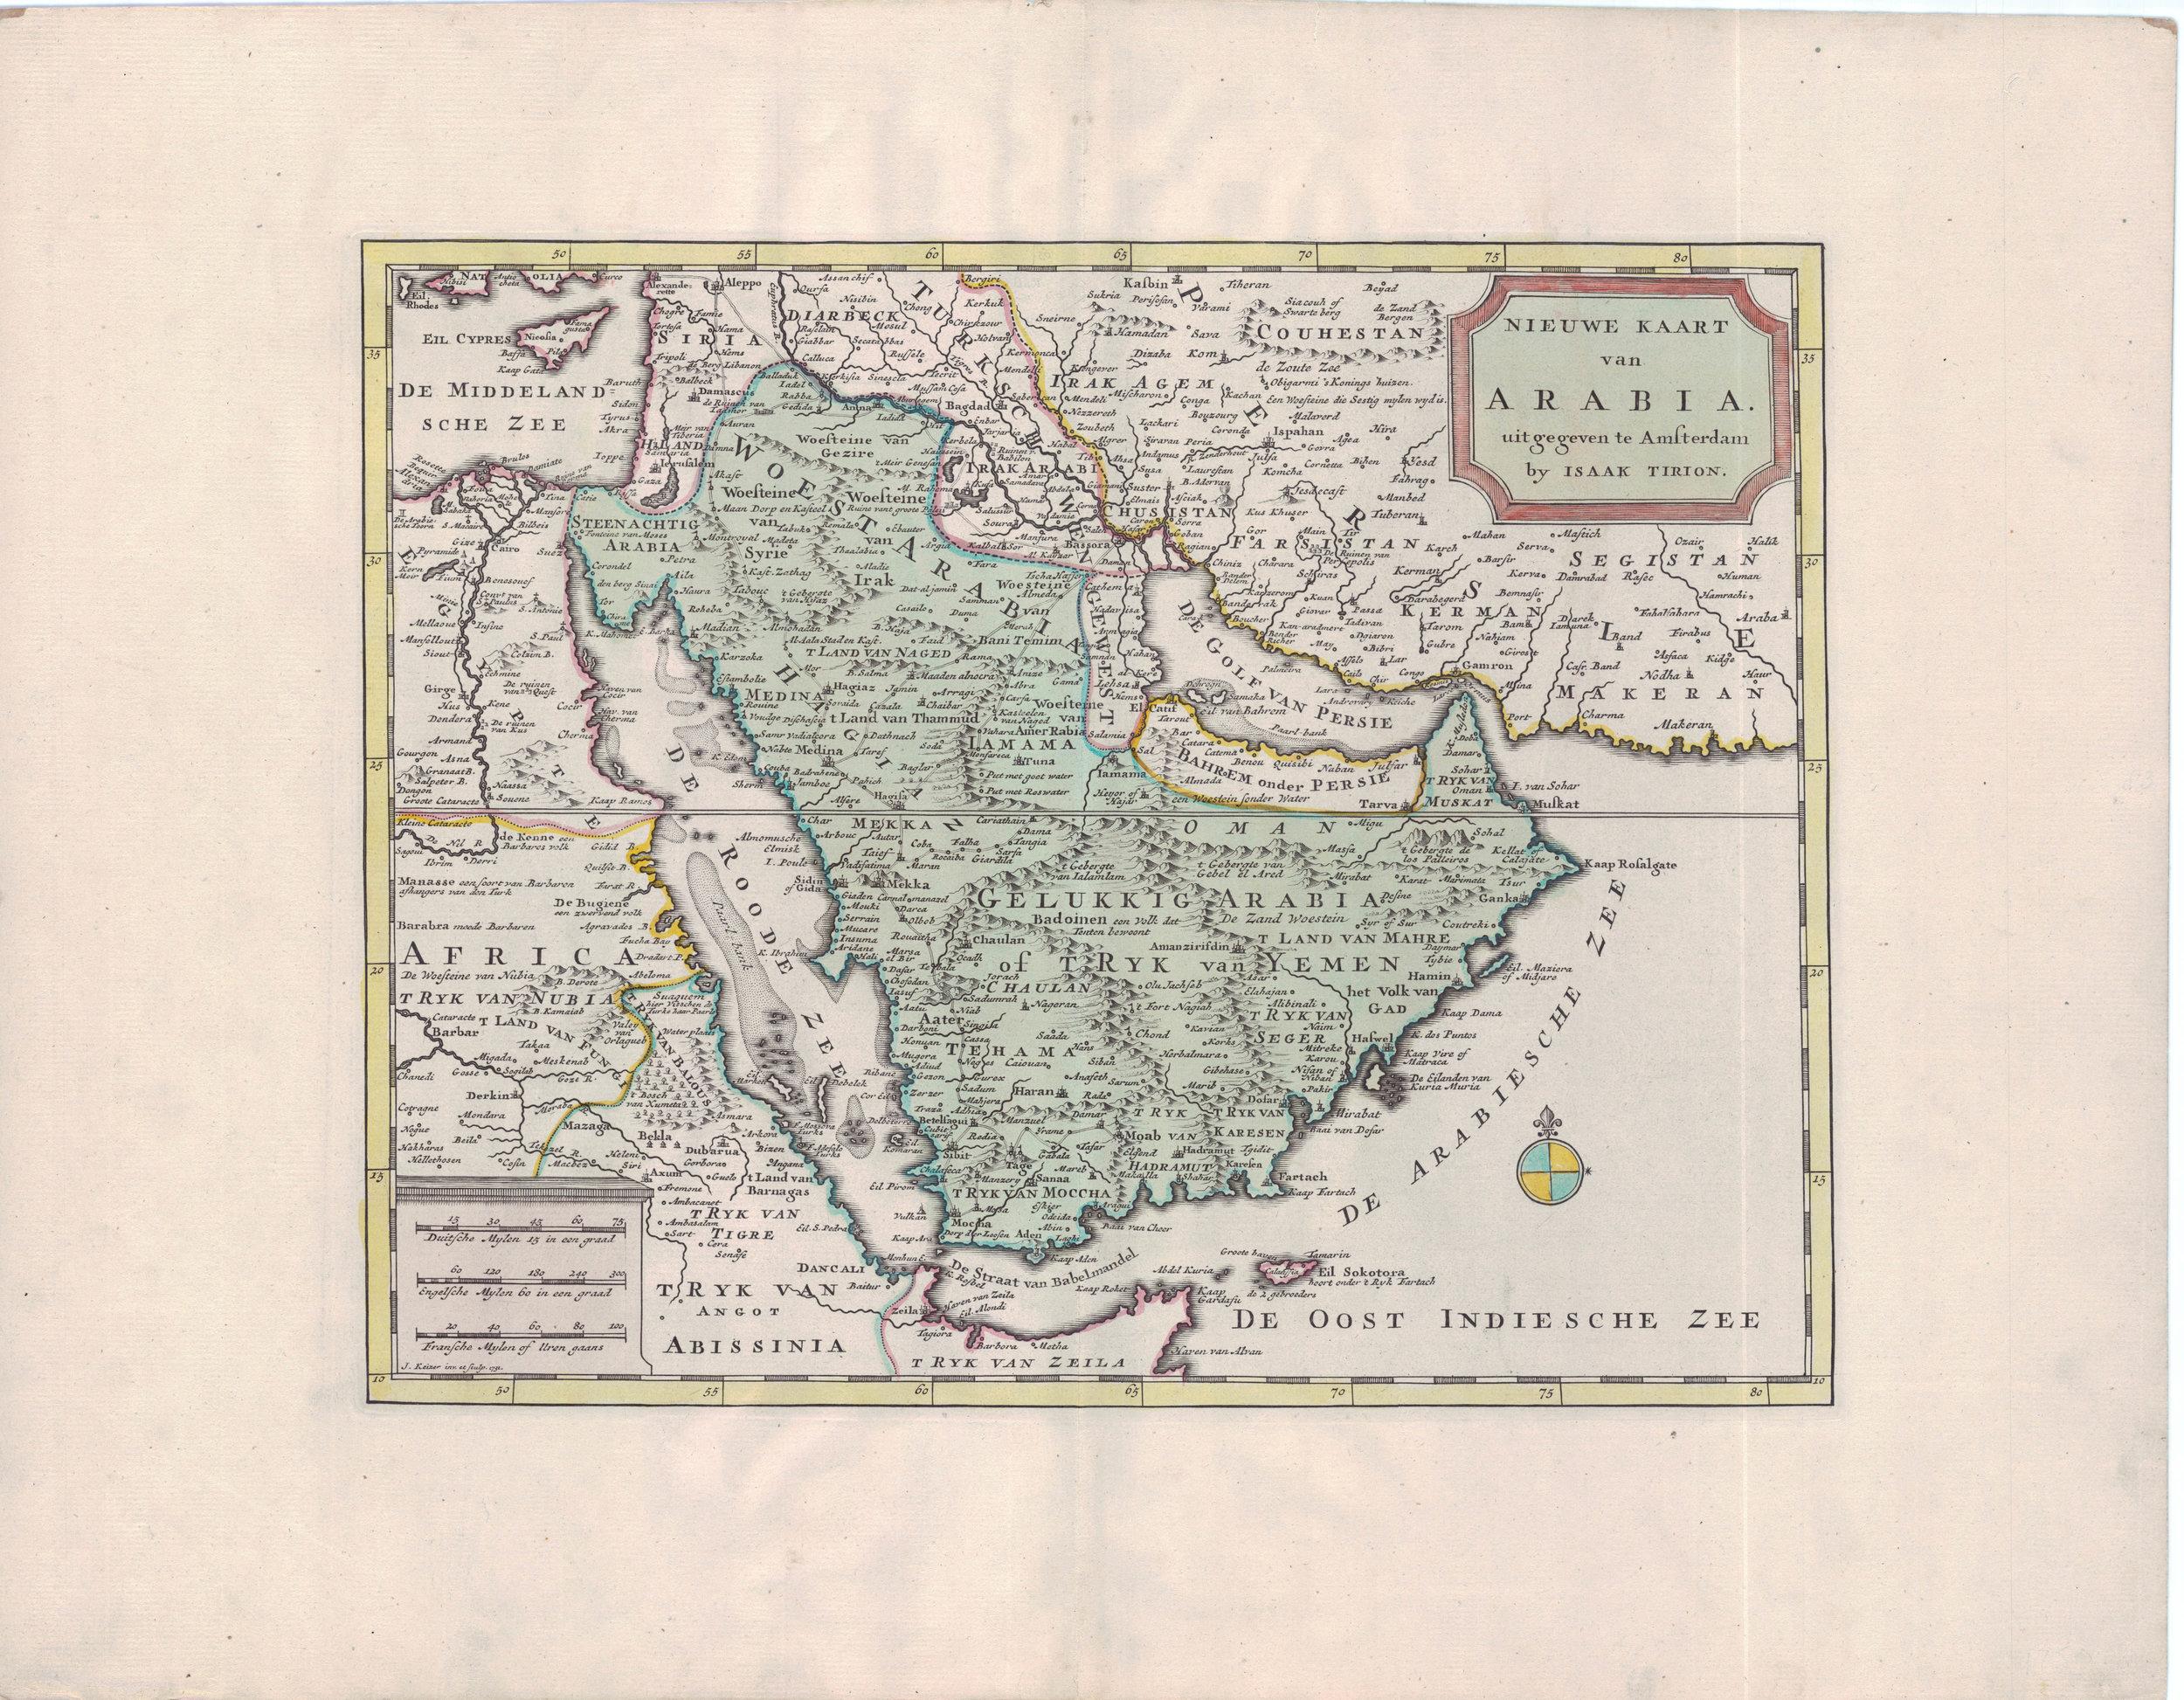 1740 - Tirion